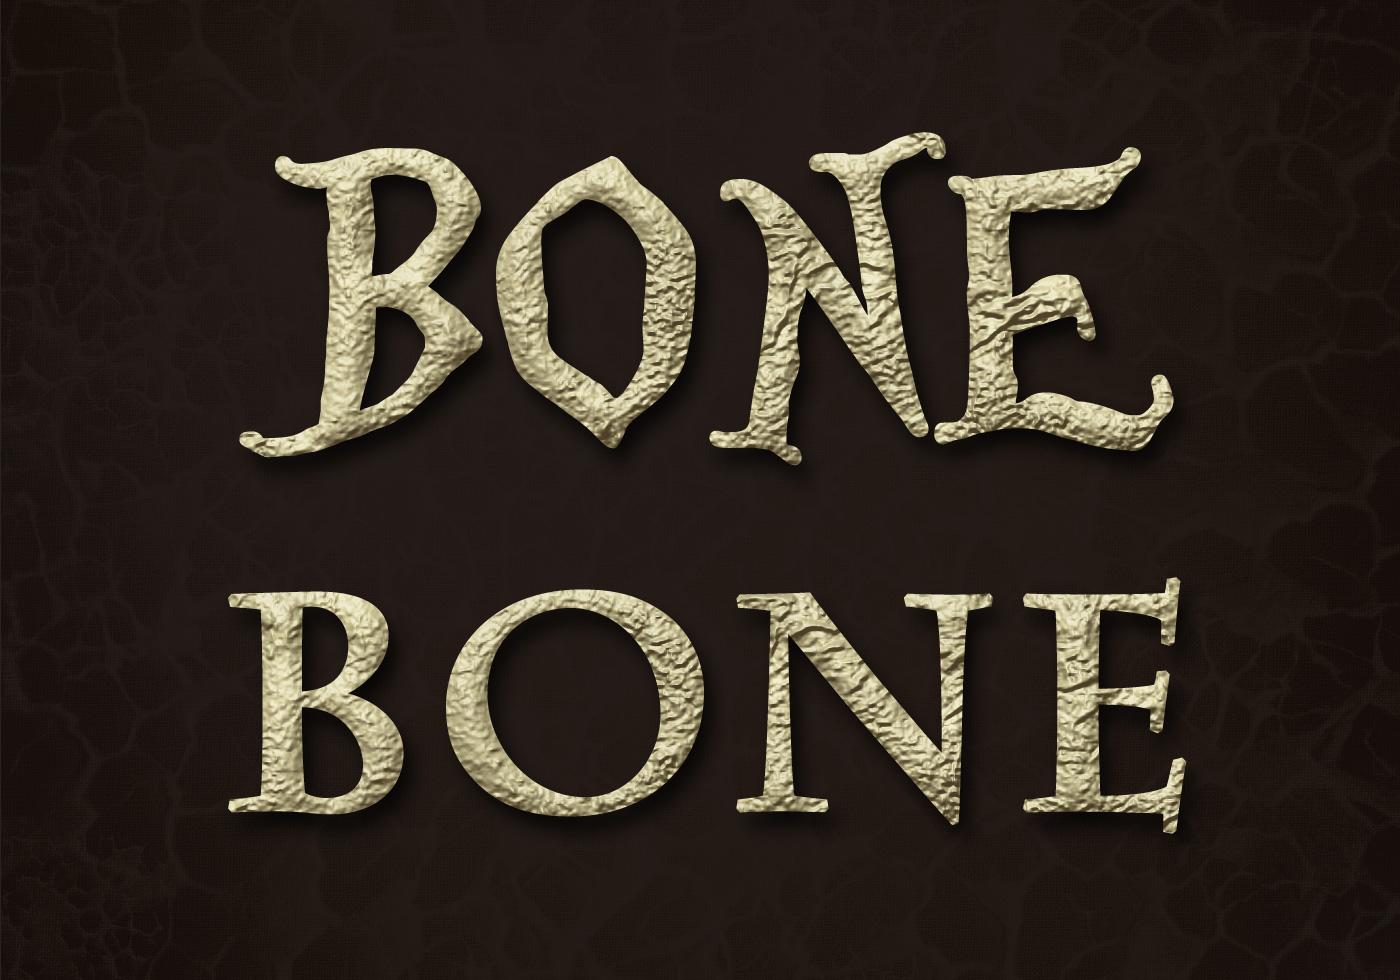 Bone Free Photoshop Brushes At Brusheezy